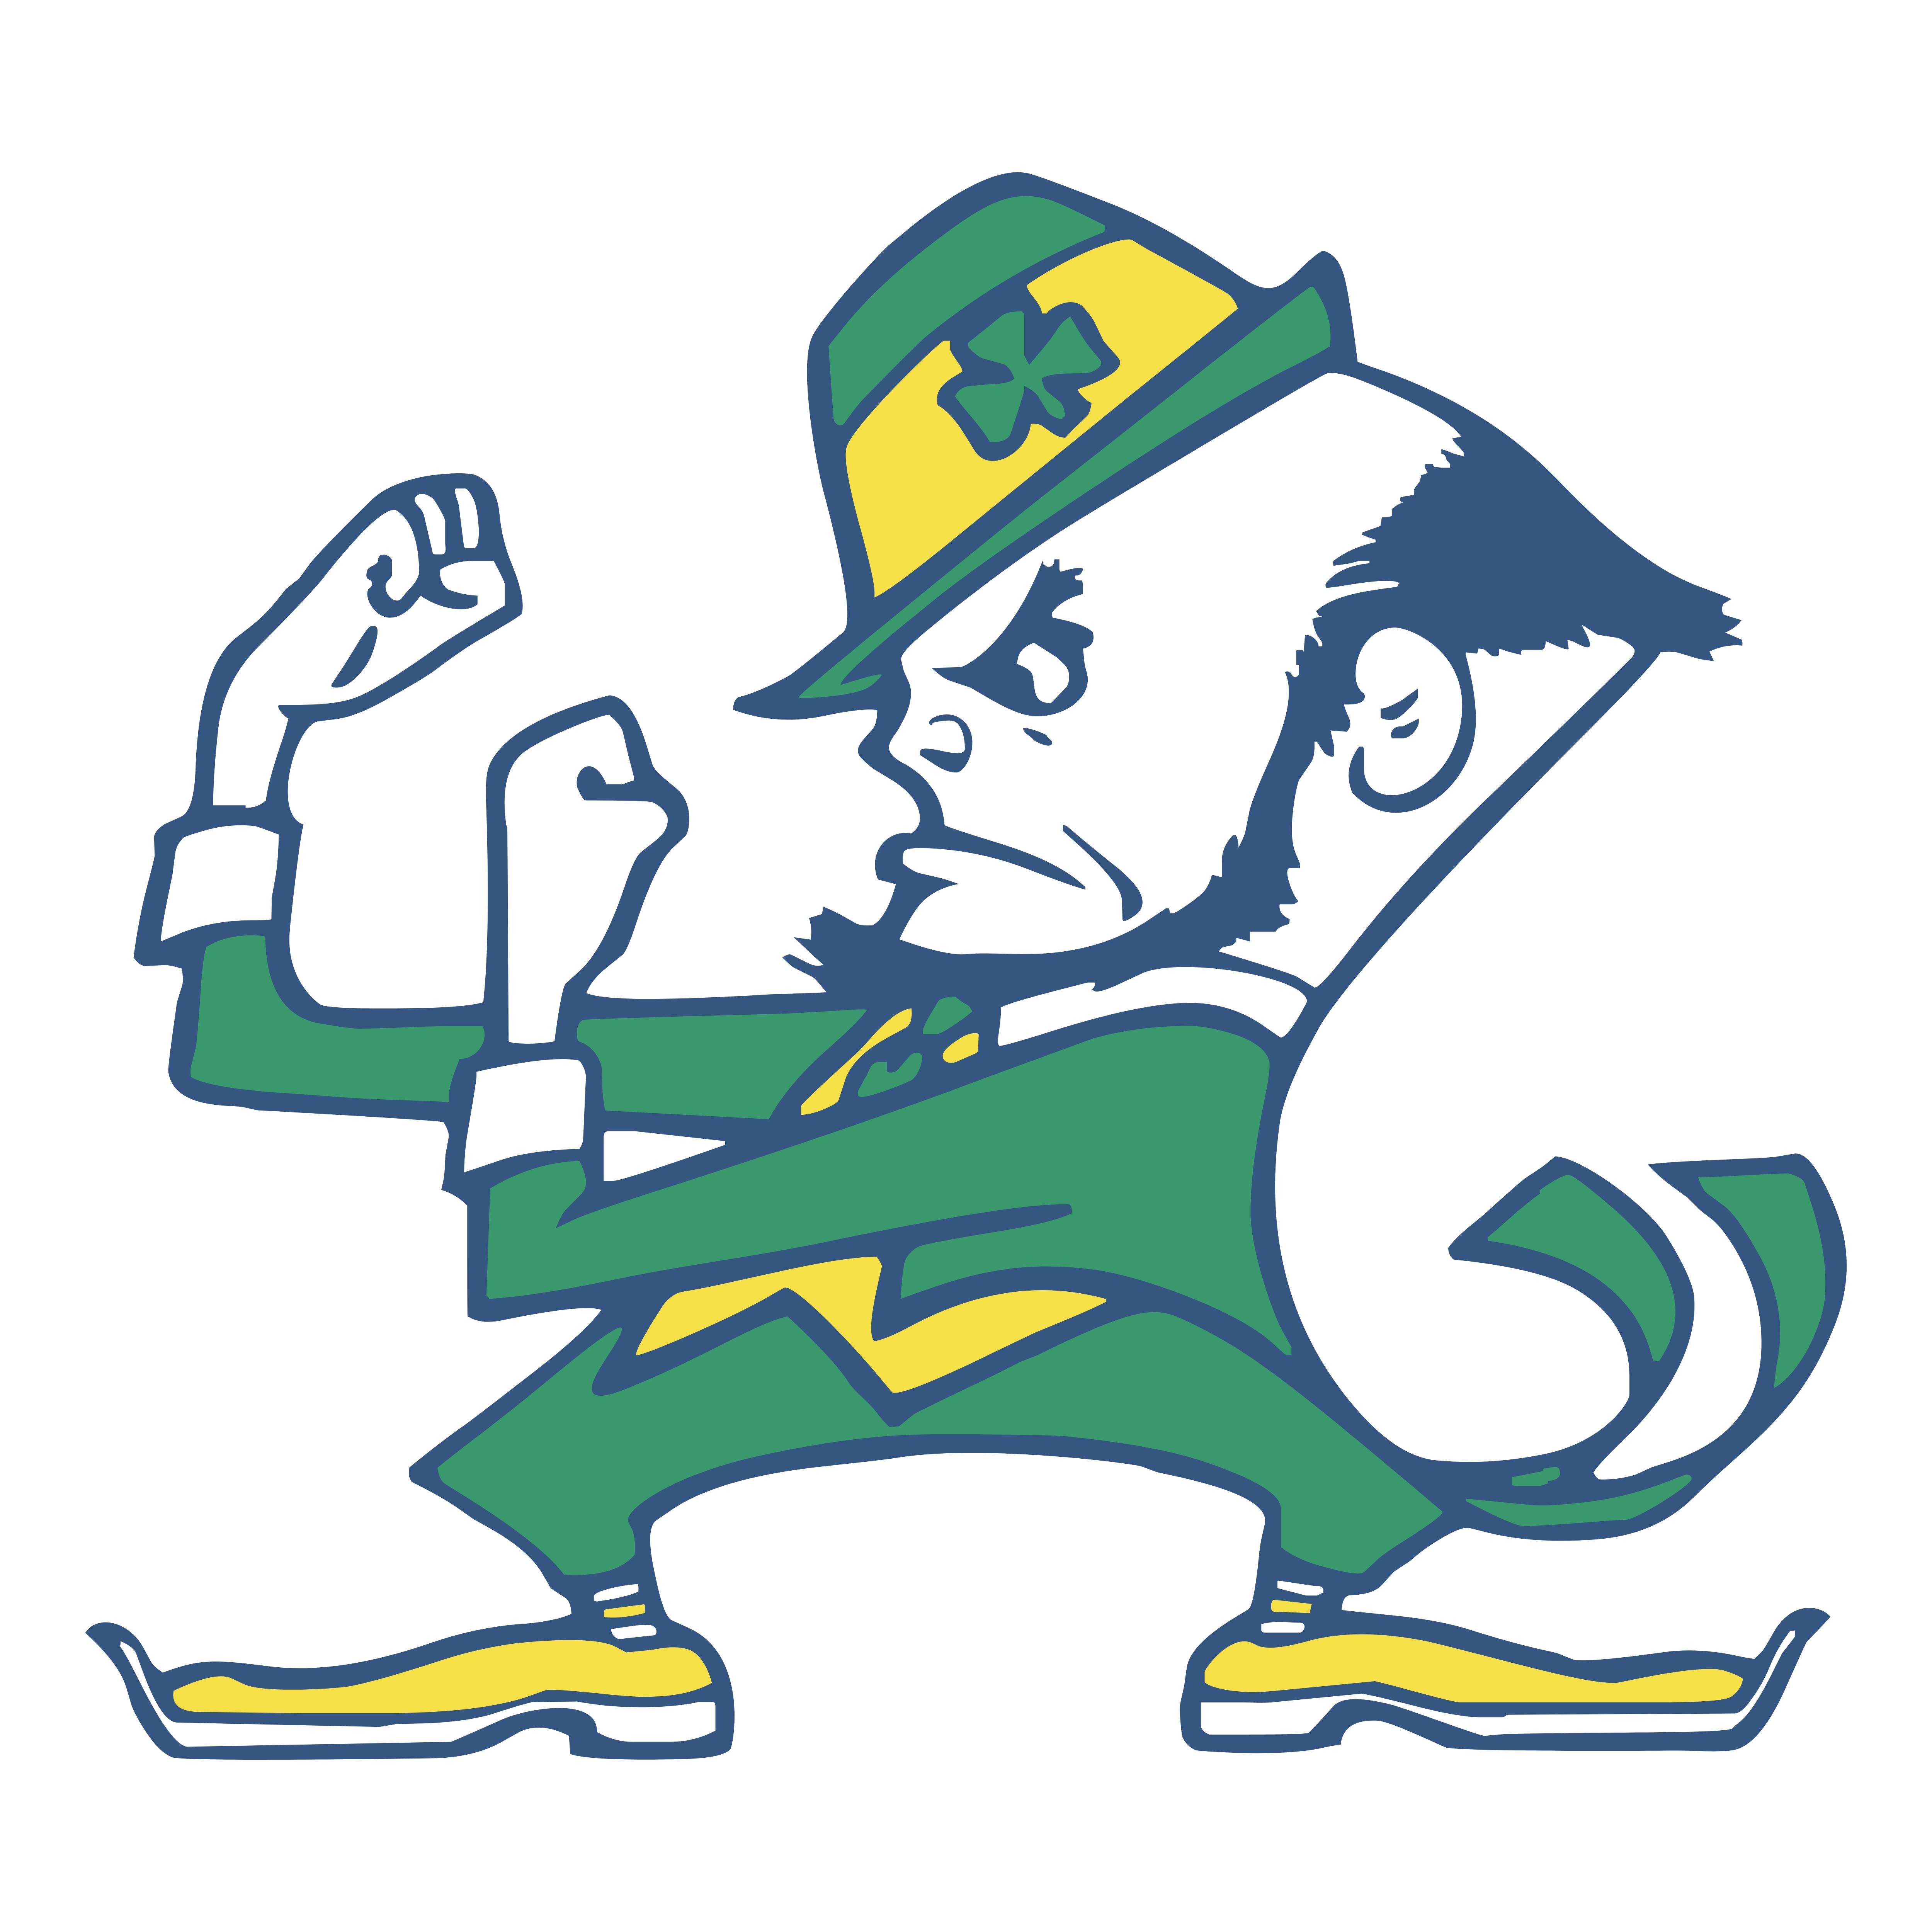 Notre Dame Fighting Irish - Logos Download